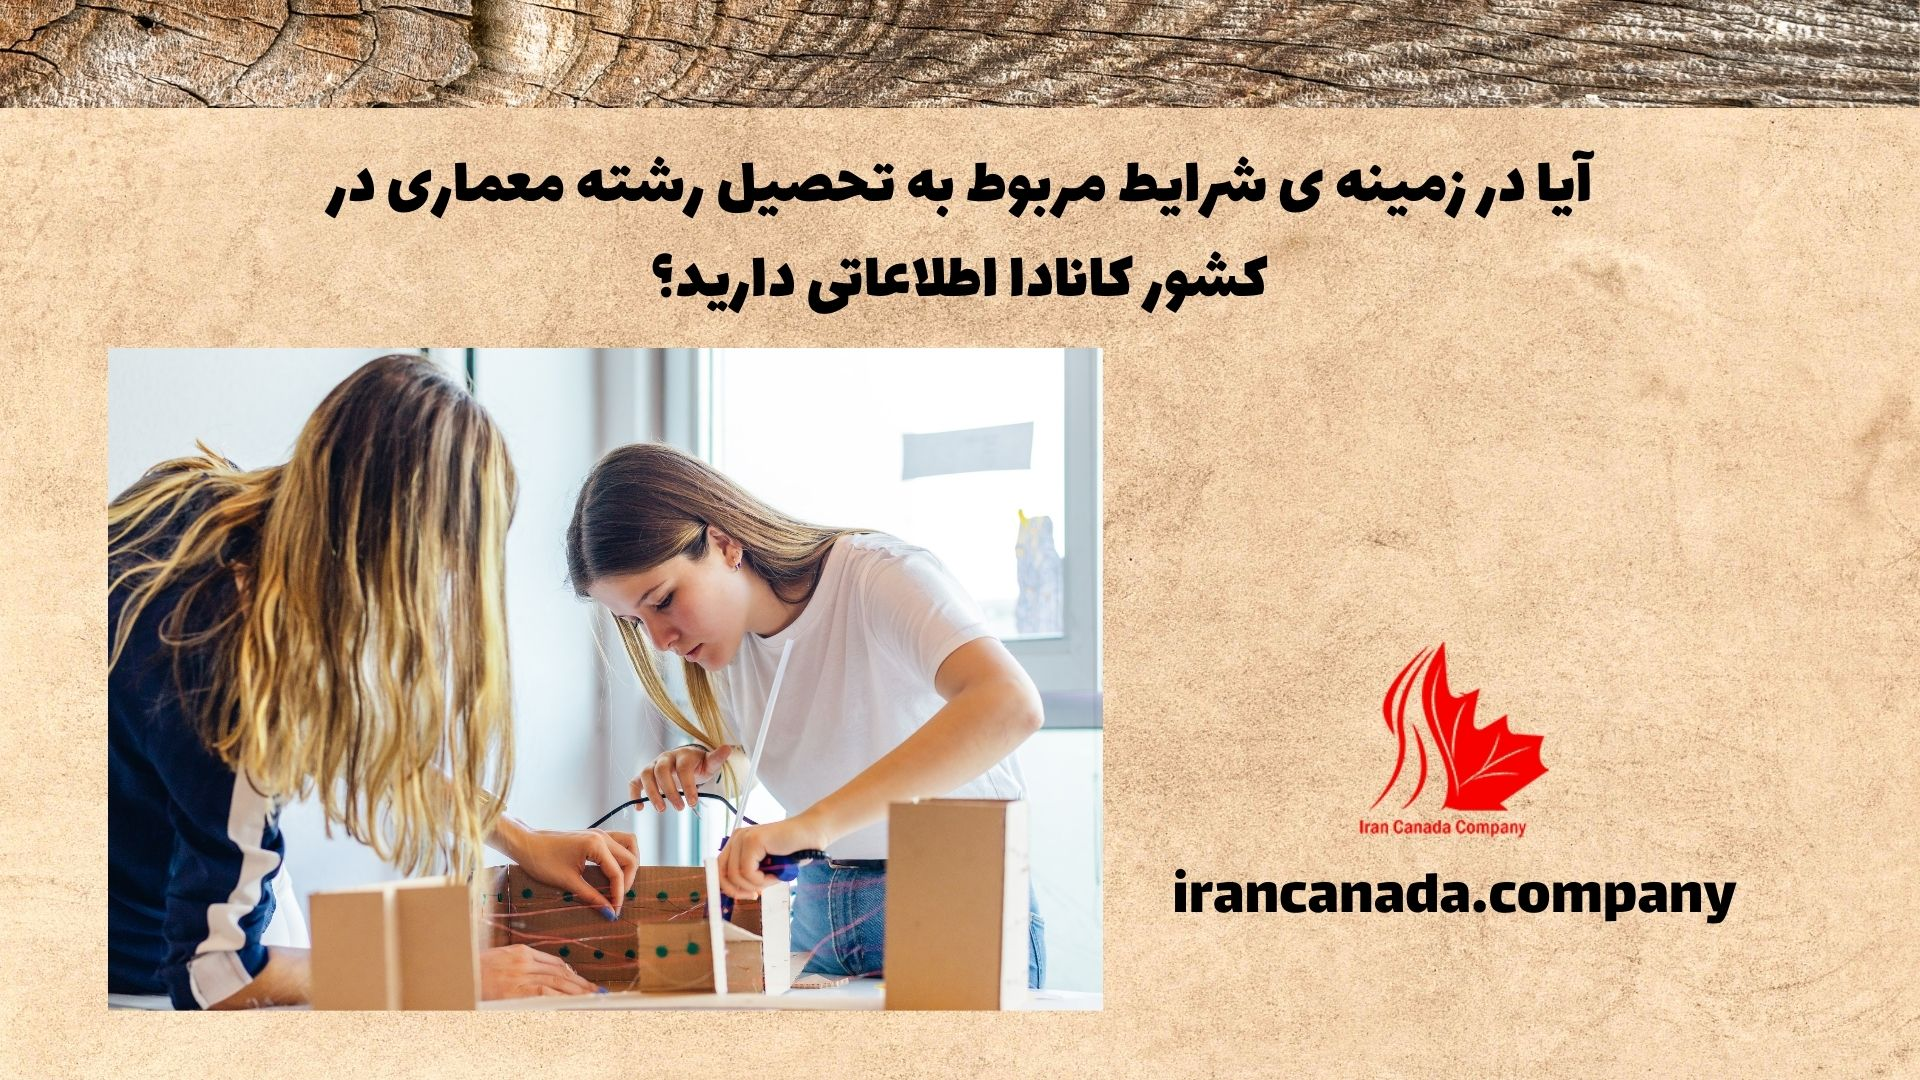 آیا در زمینه ی شرایط مربوط به تحصیل رشته معماری در کشور کانادا اطلاعاتی دارید؟